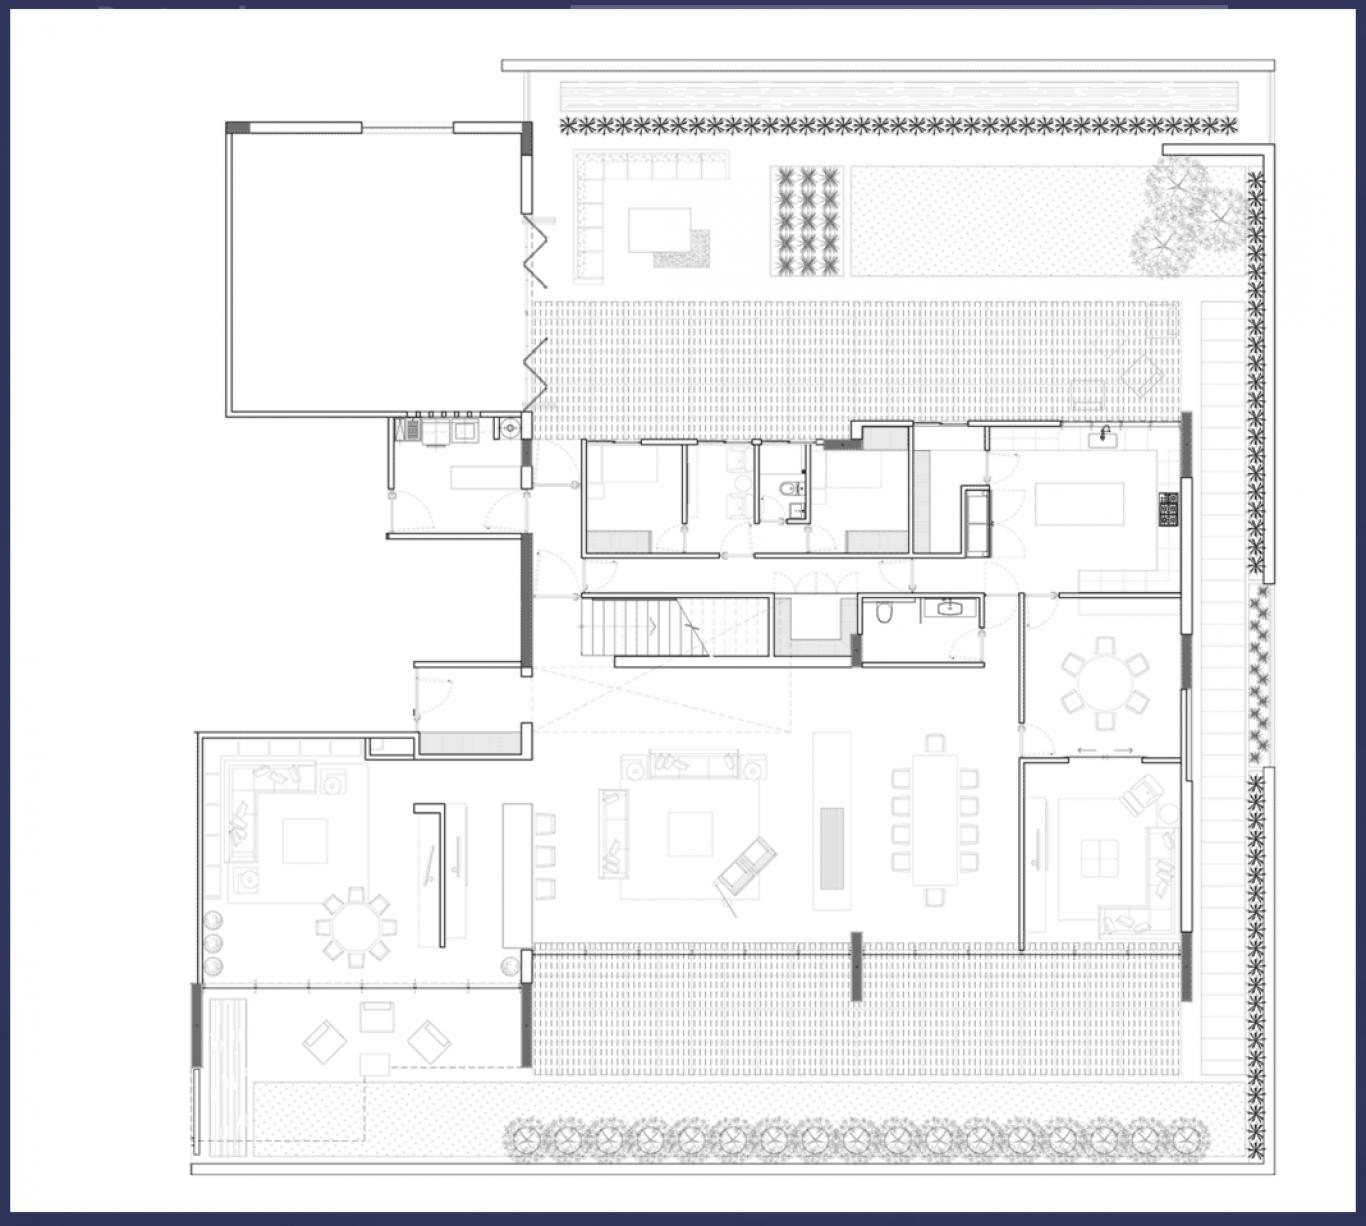 Club residencial bosques, id 1472095, no 2, plano de pentgarden tipo 3, 13